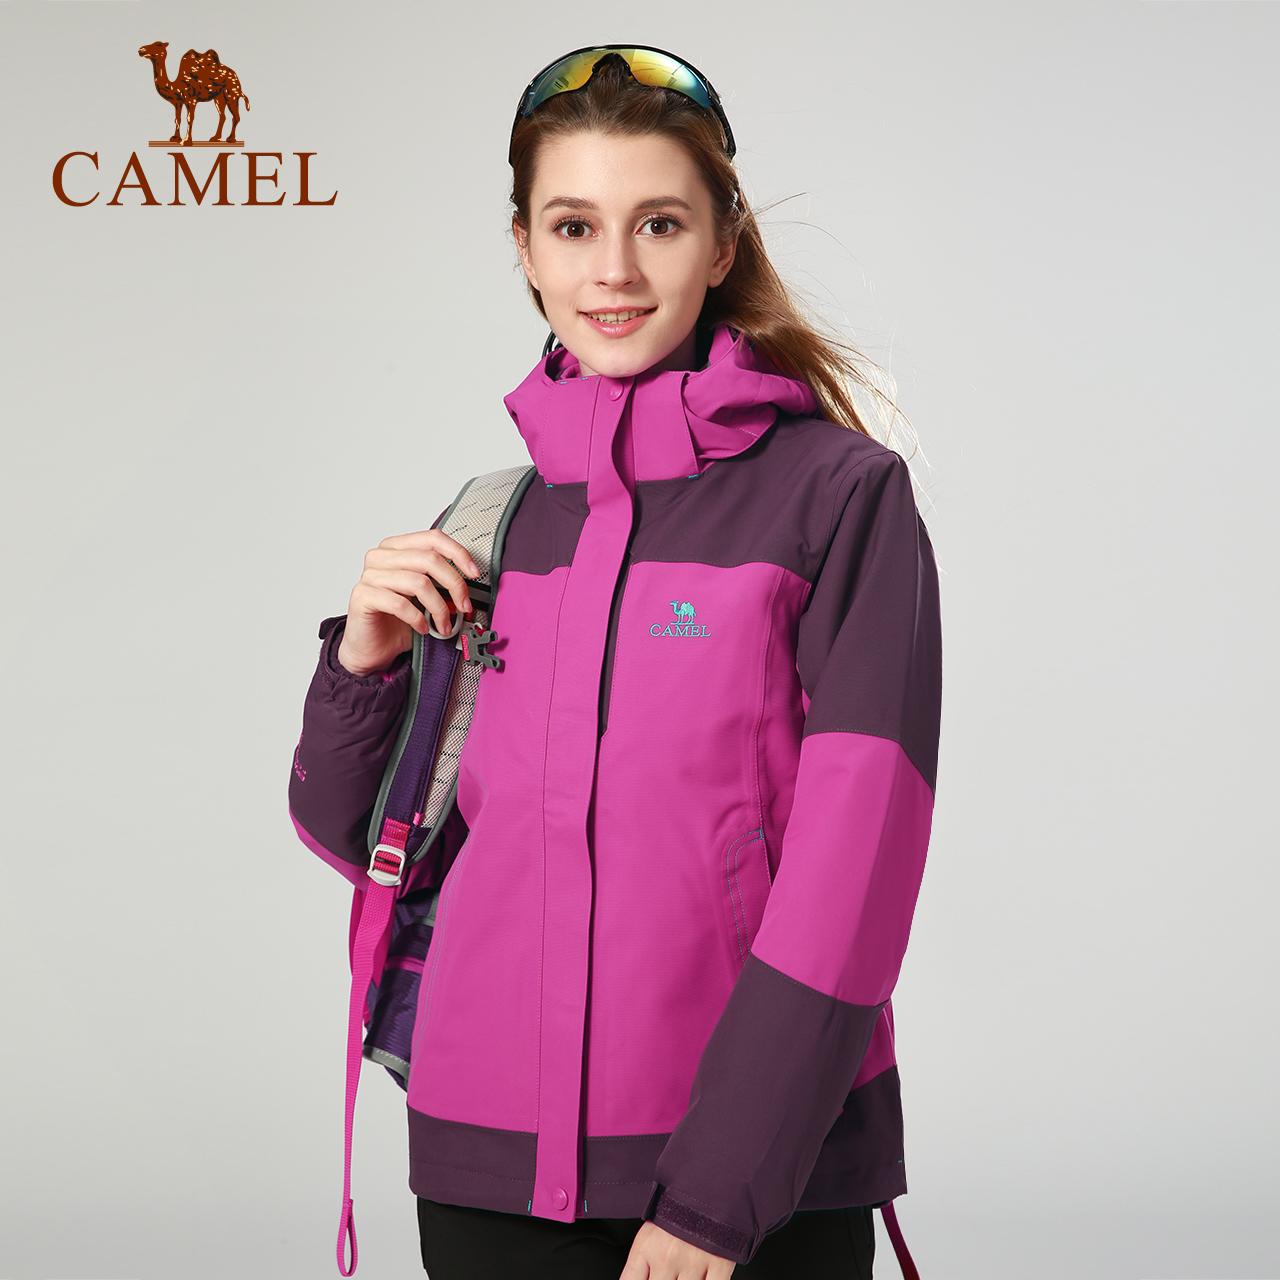 【喜馬拉雅系列】駱駝衝鋒衣三合一兩件套攀登雪山防風防水登山服